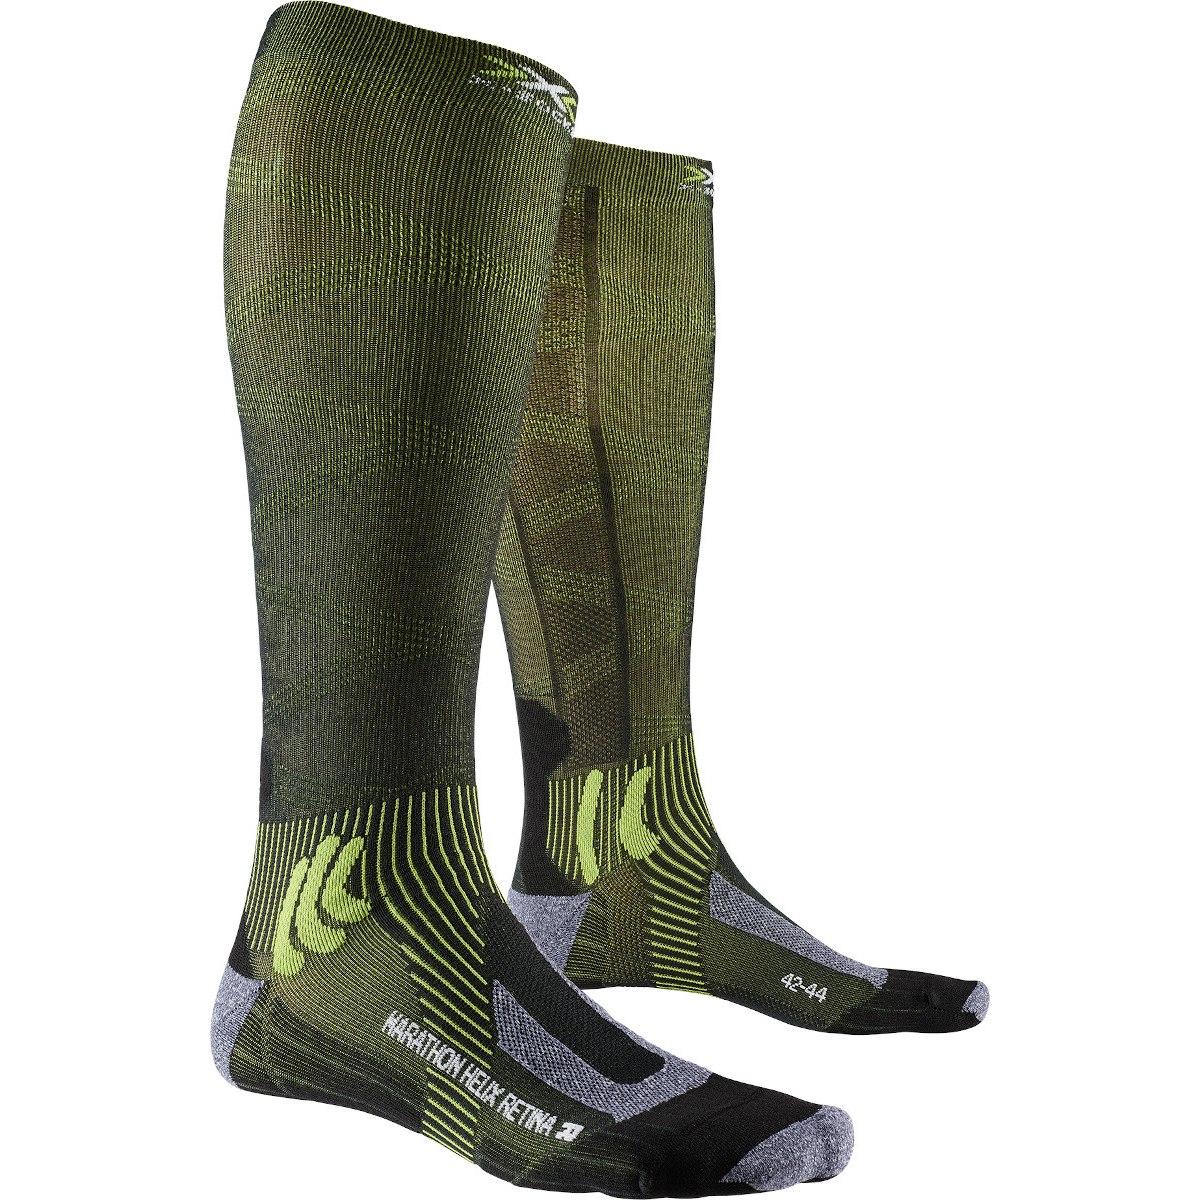 Bild von X-Socks Marathon Helix Retina 4.0 Laufsocken - black melange/effektor green